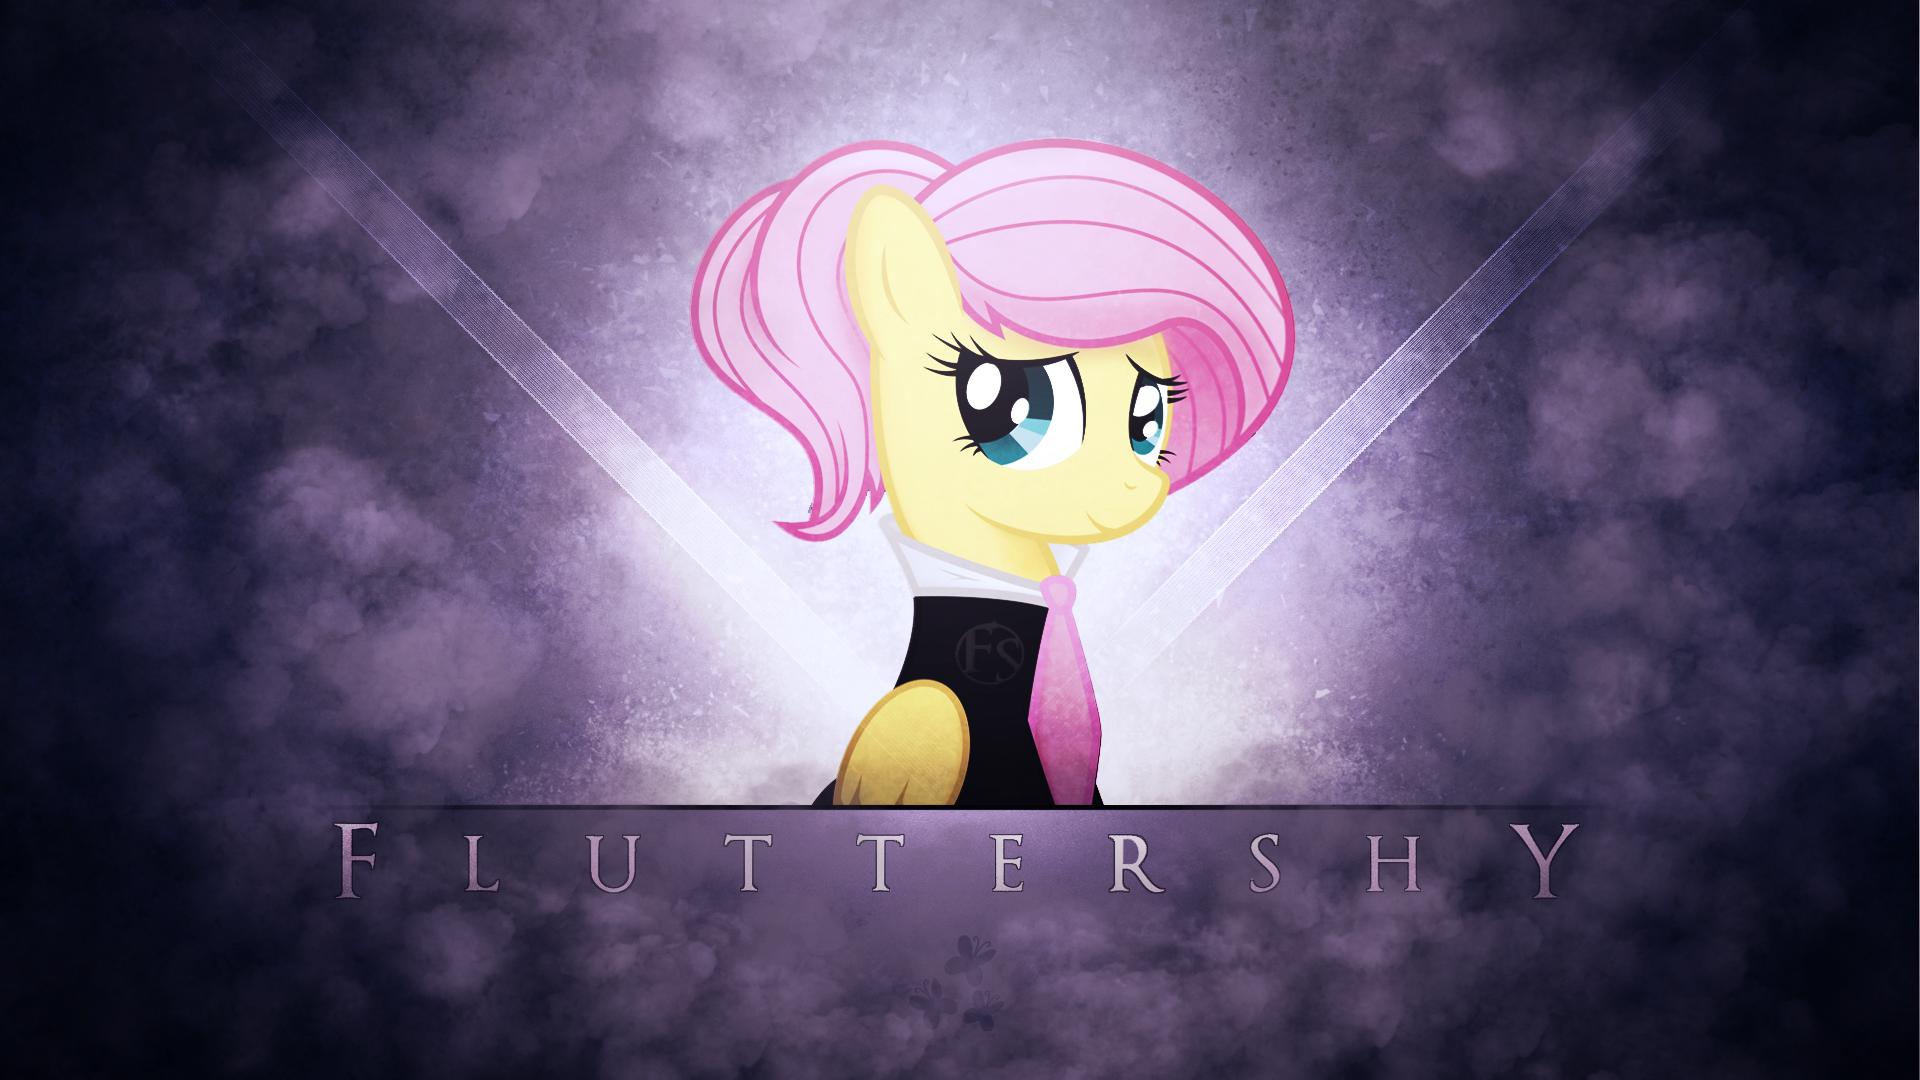 Fluttersuit - Vexx3 (Swag-mode Edit)